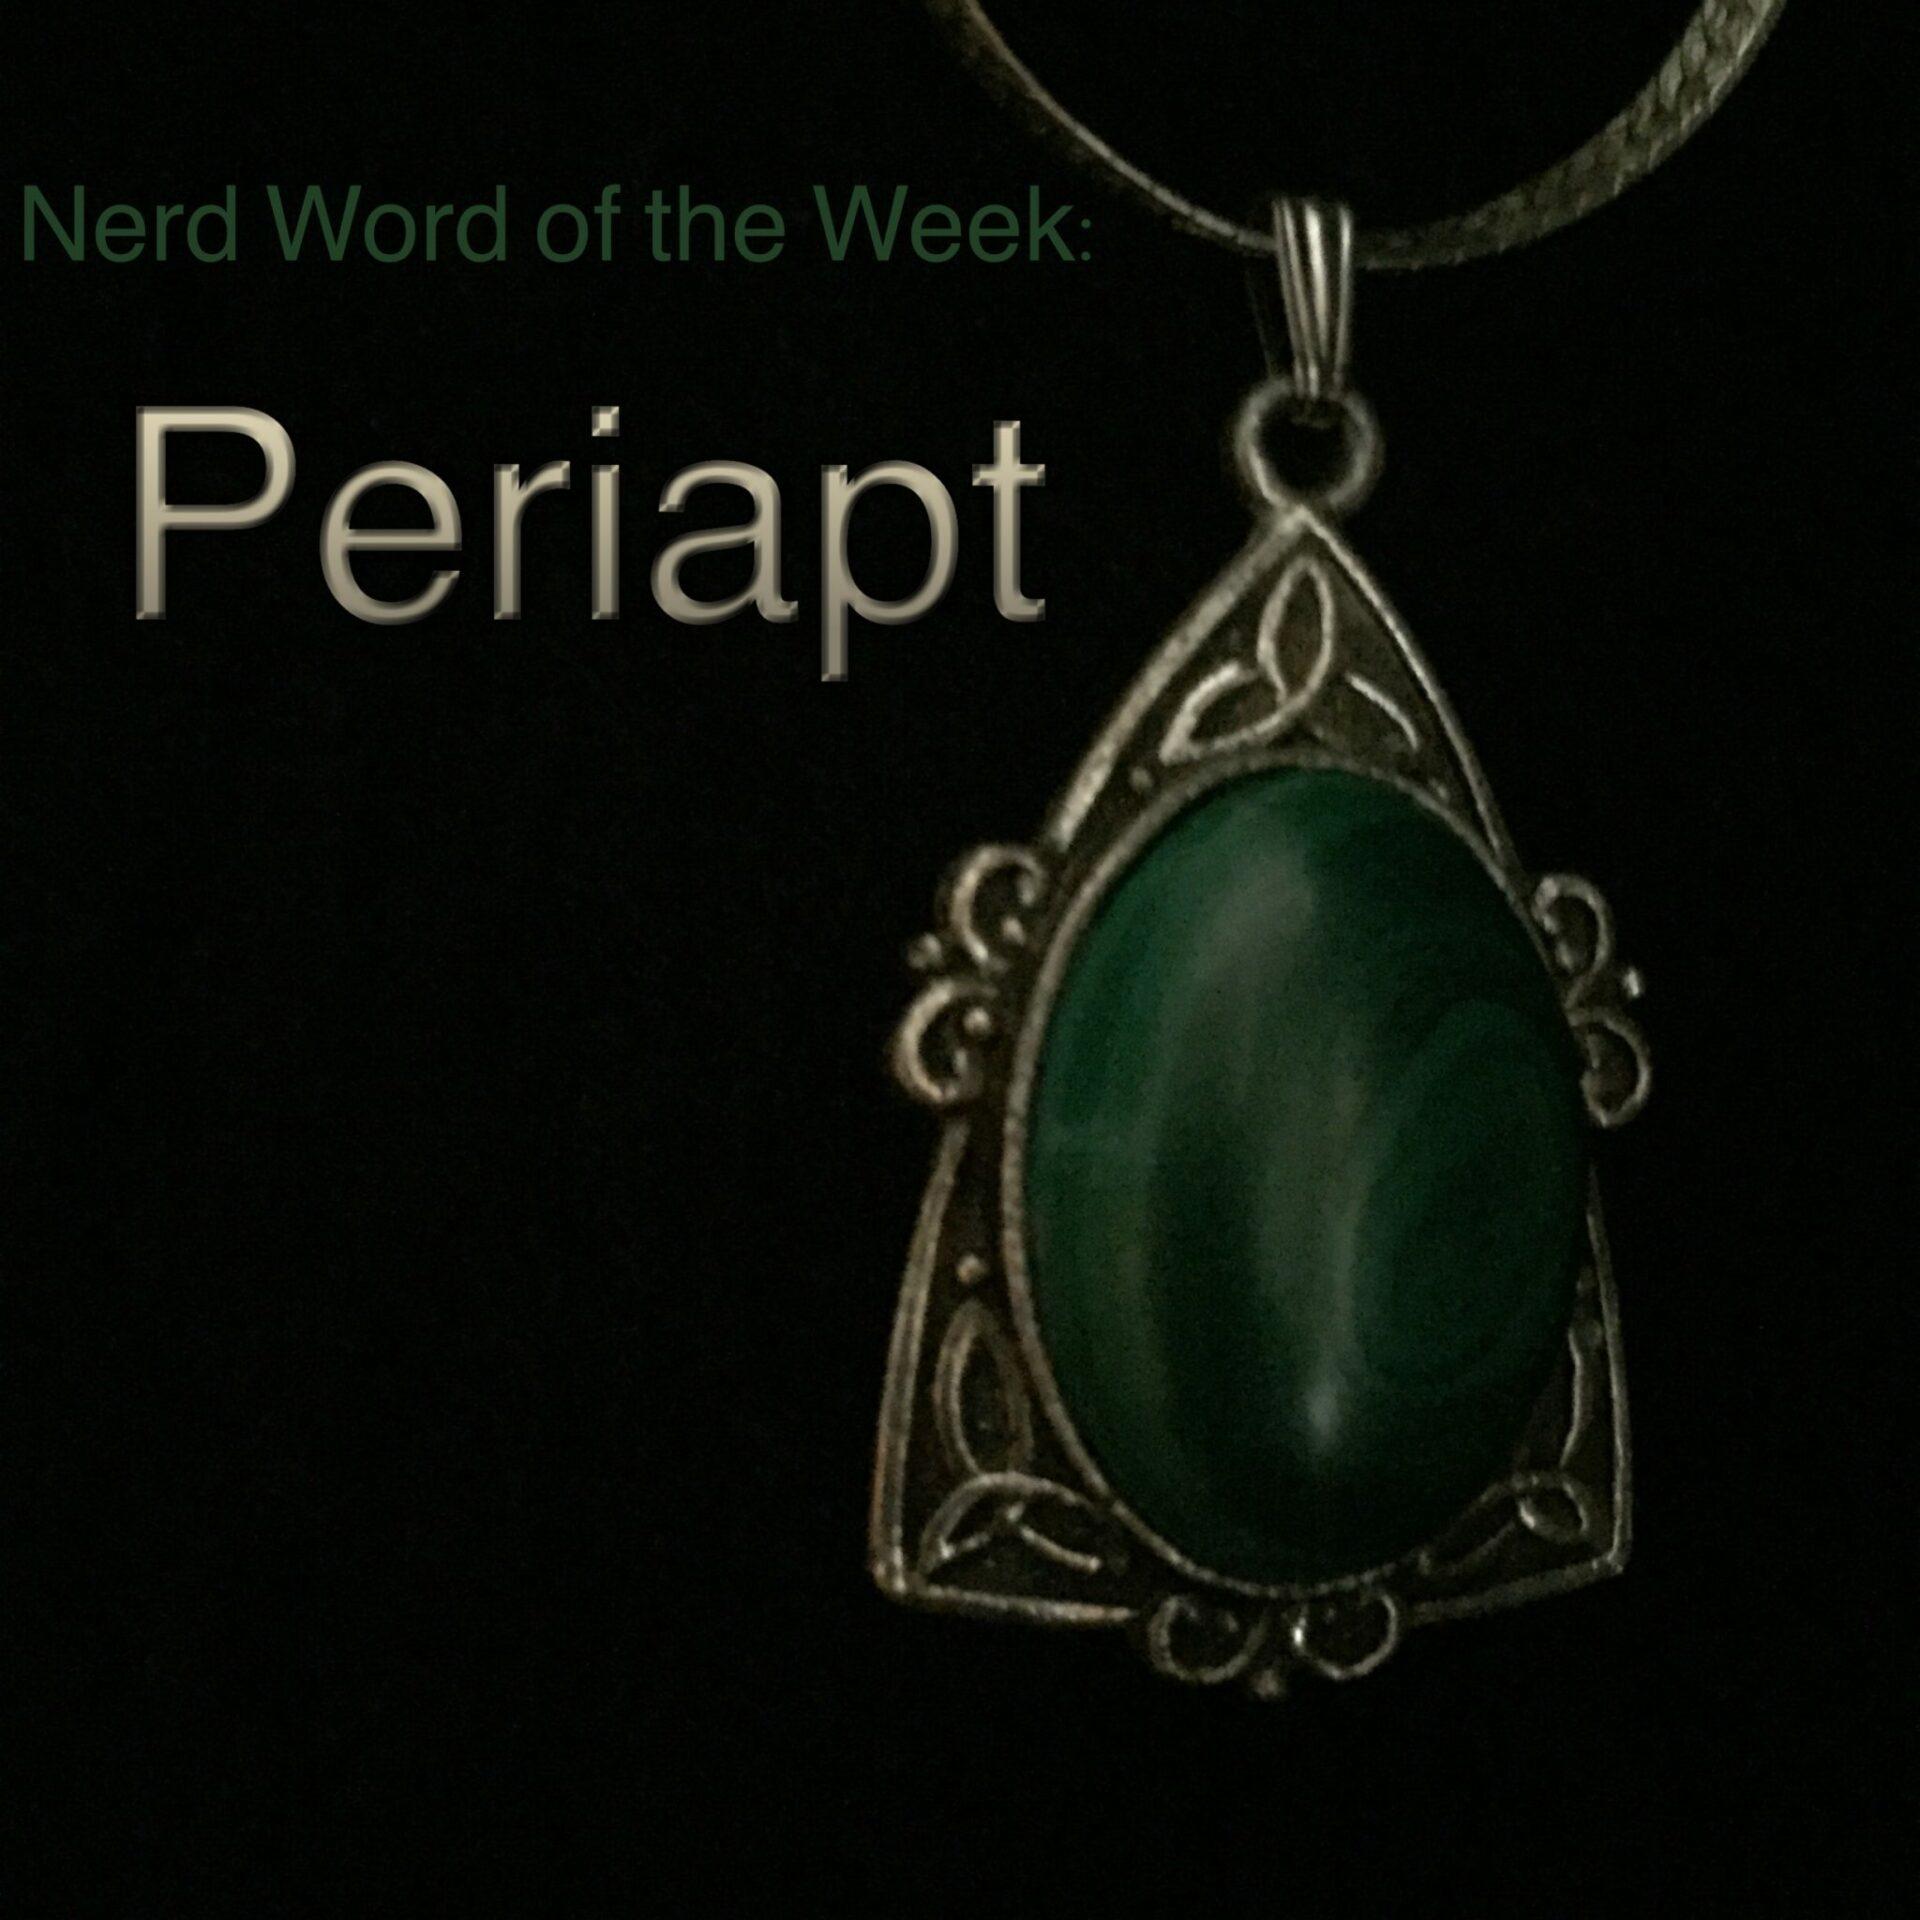 Periapt